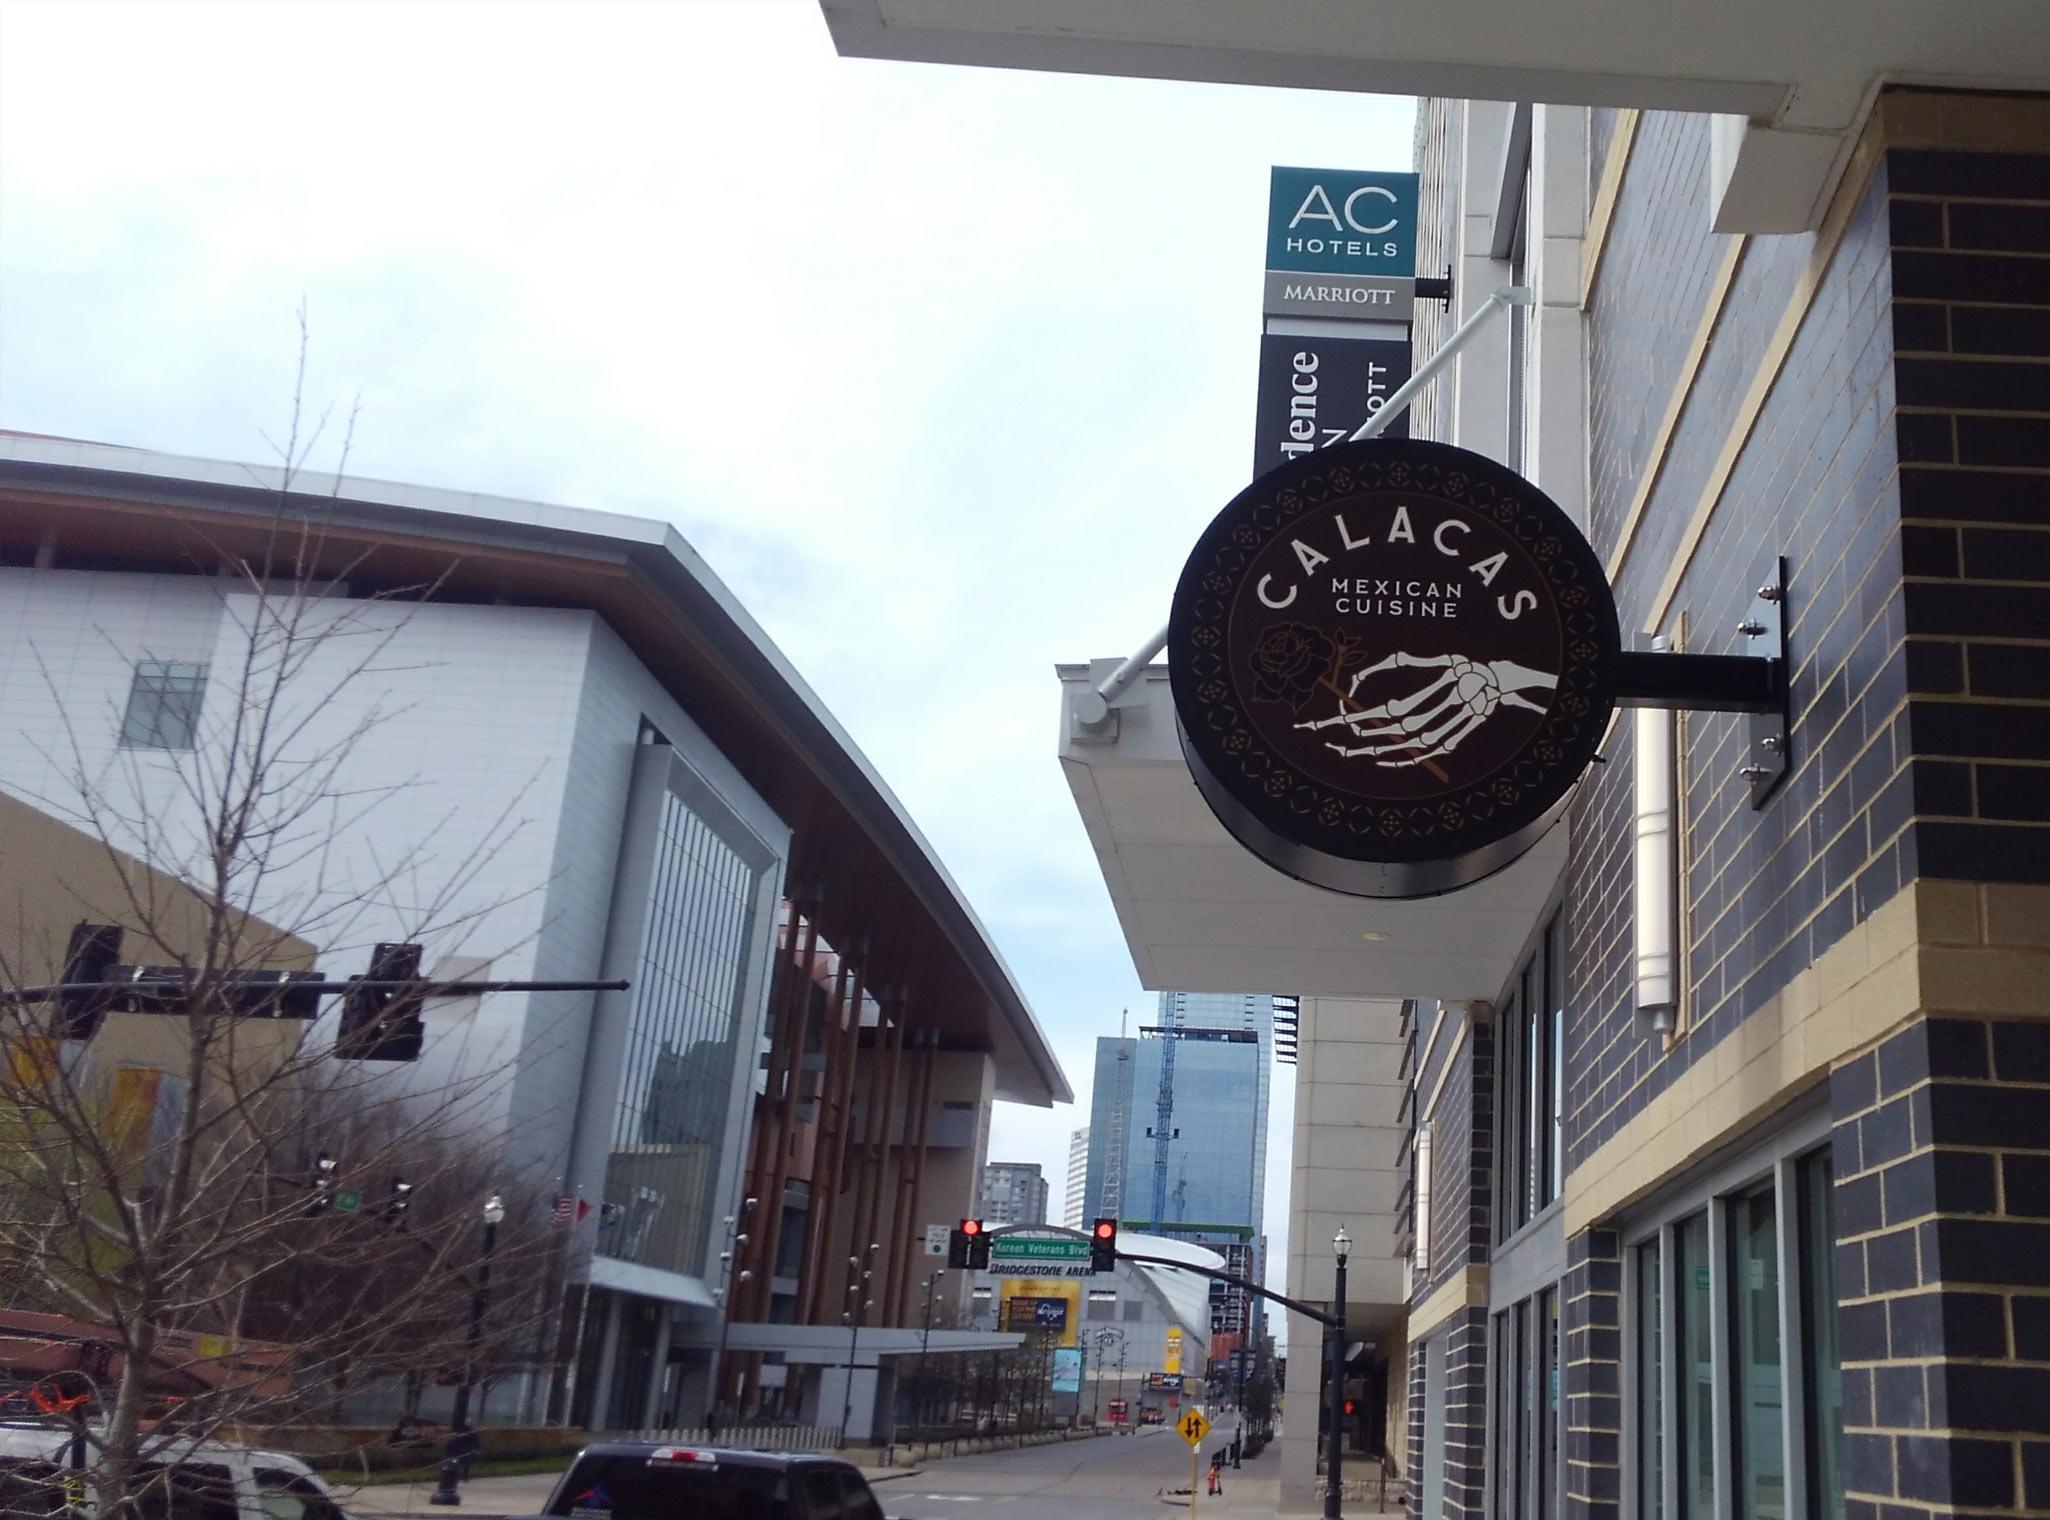 Calacas Restaurant Nashville Tennessee